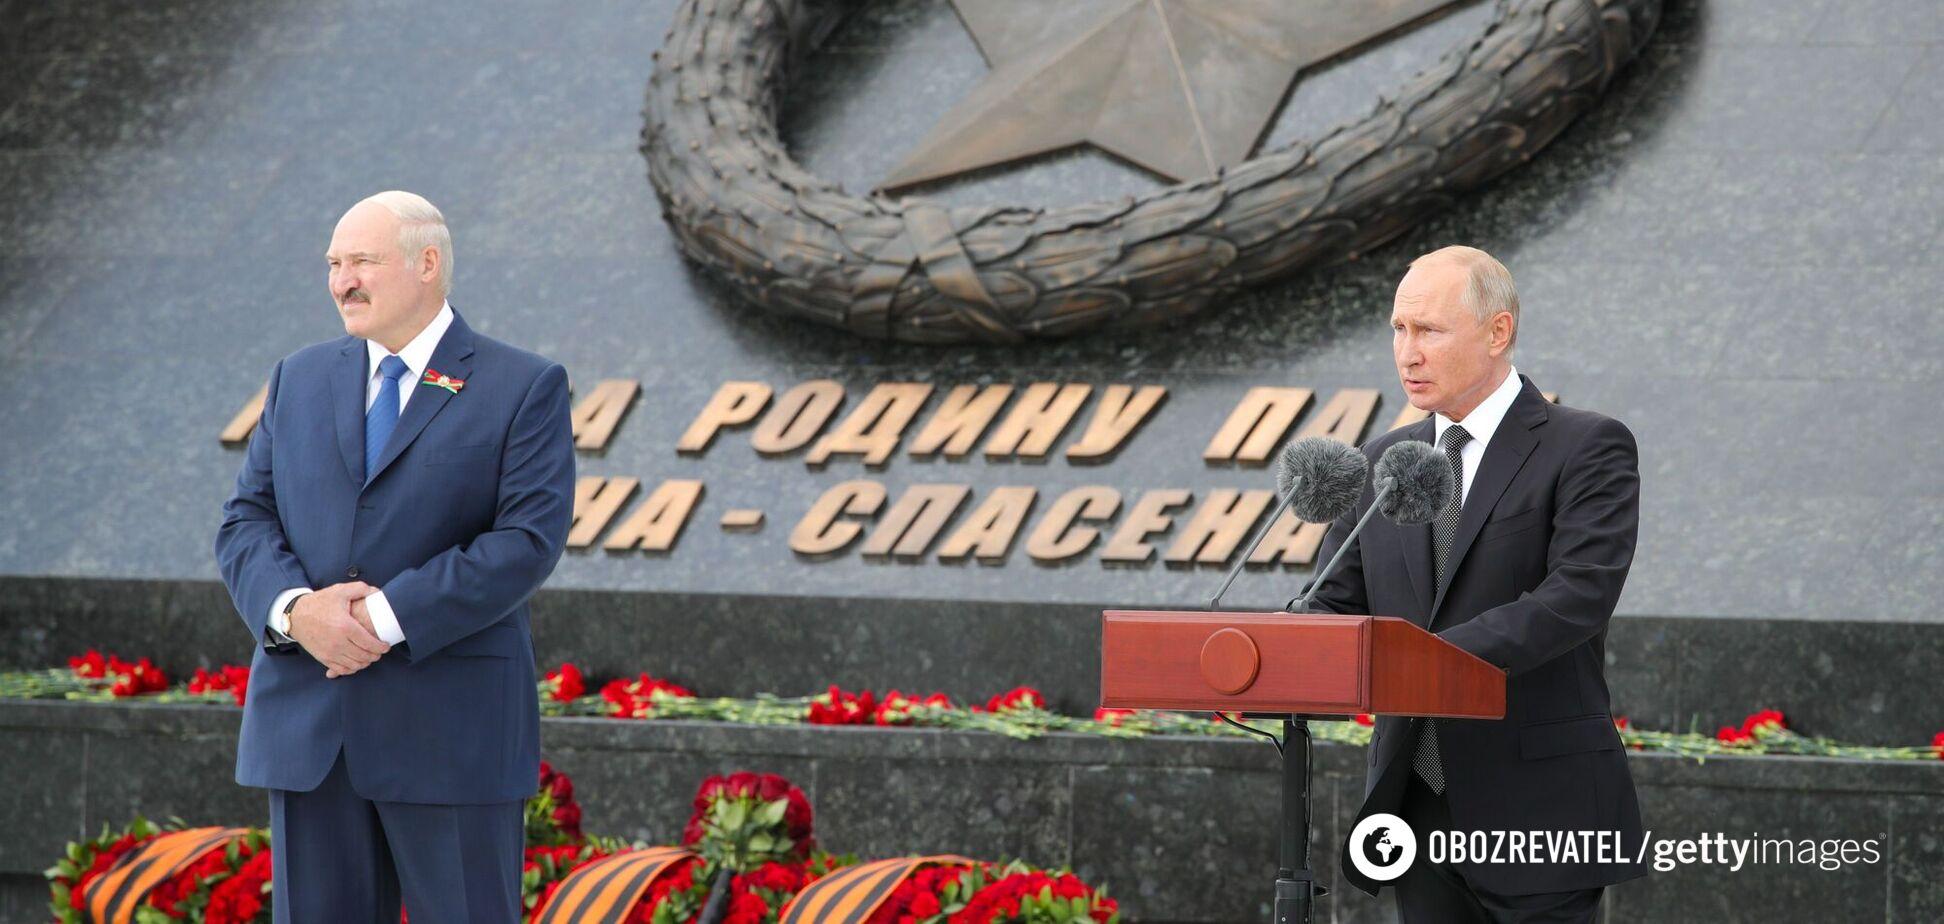 Лукашенко предал свою страну, остановить Путина смогут лишь беларусы